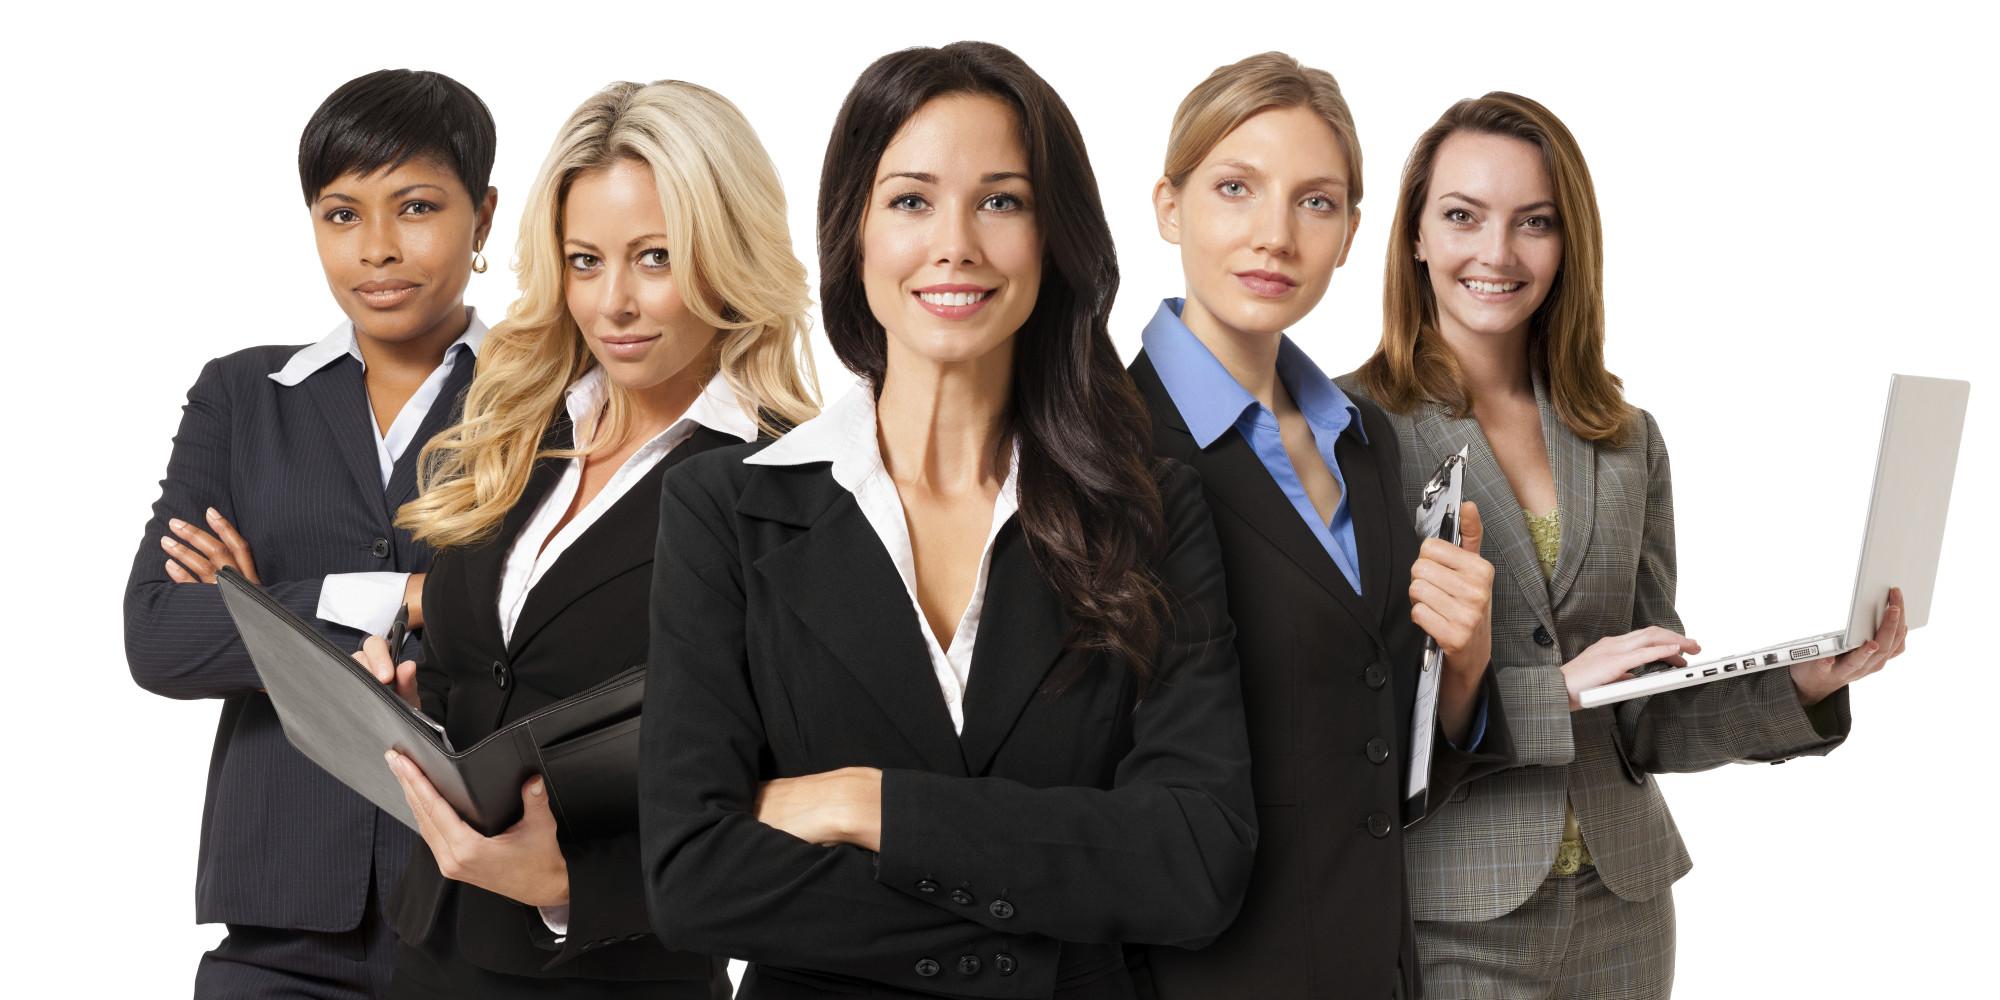 Bí quyết thành công của phụ nữ hiện đại